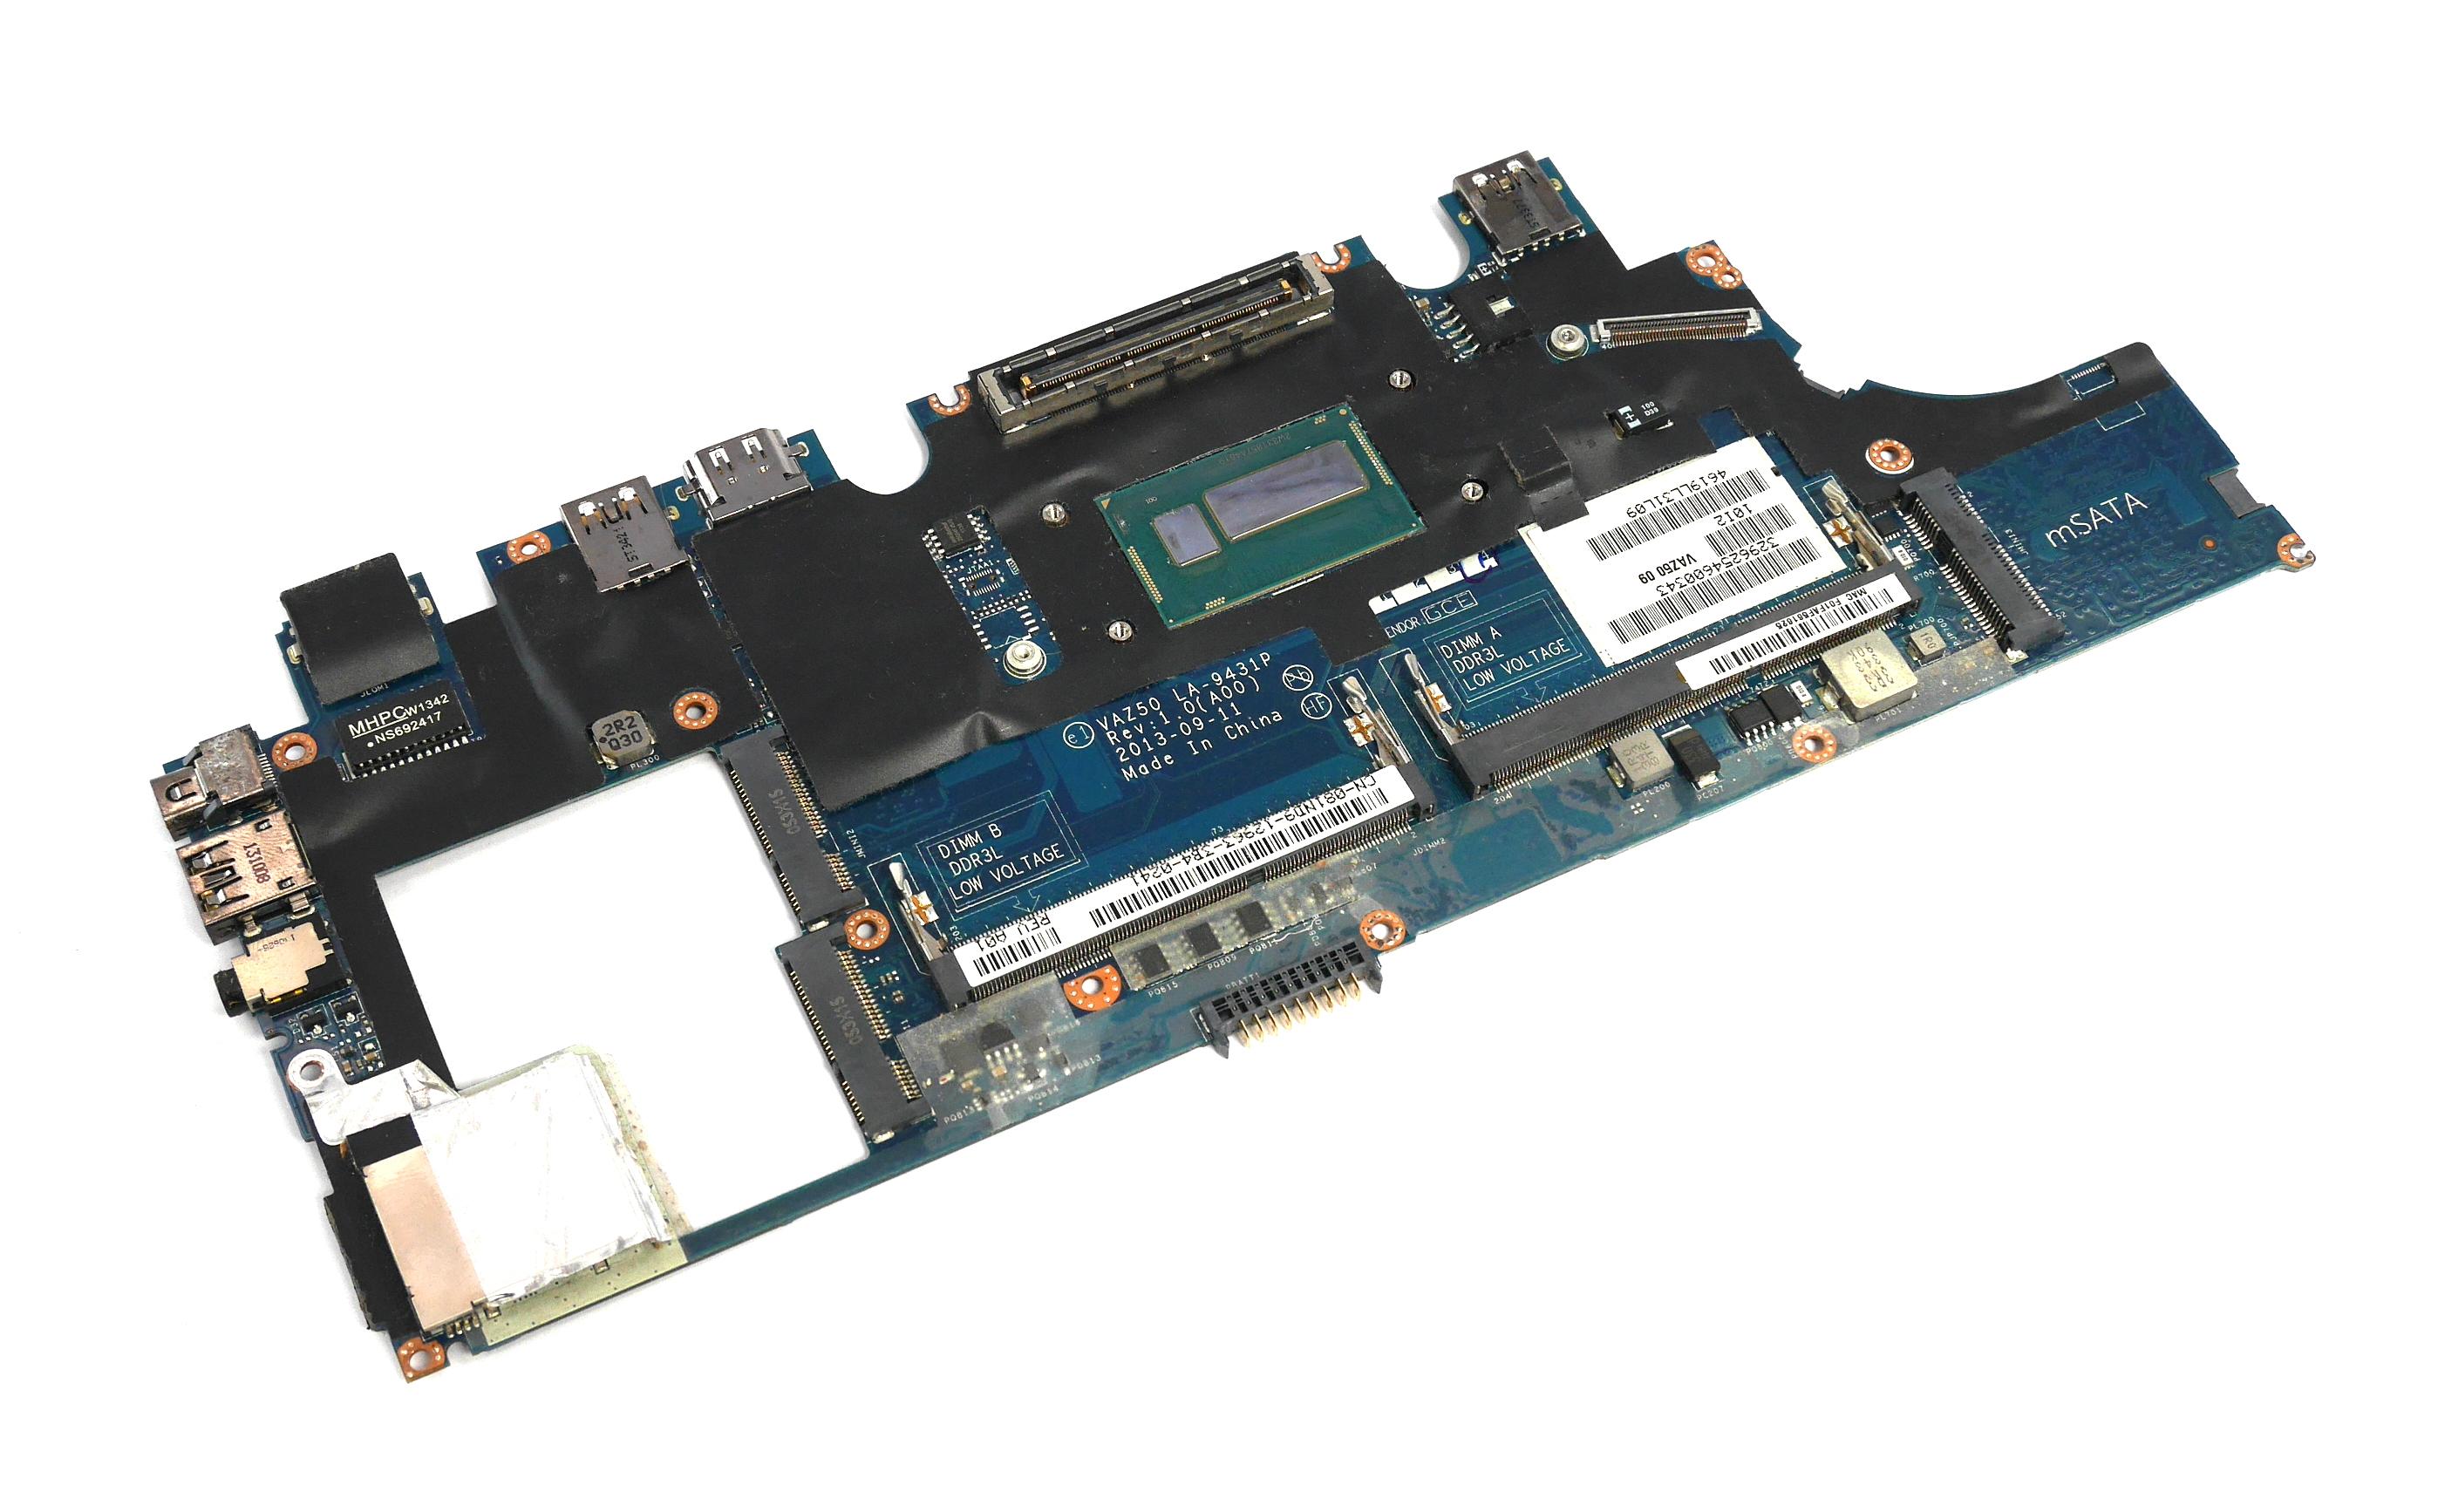 Dell 81ND9 Latitude E7240 Motherboard with BGA Intel Core i5-4200U CPU